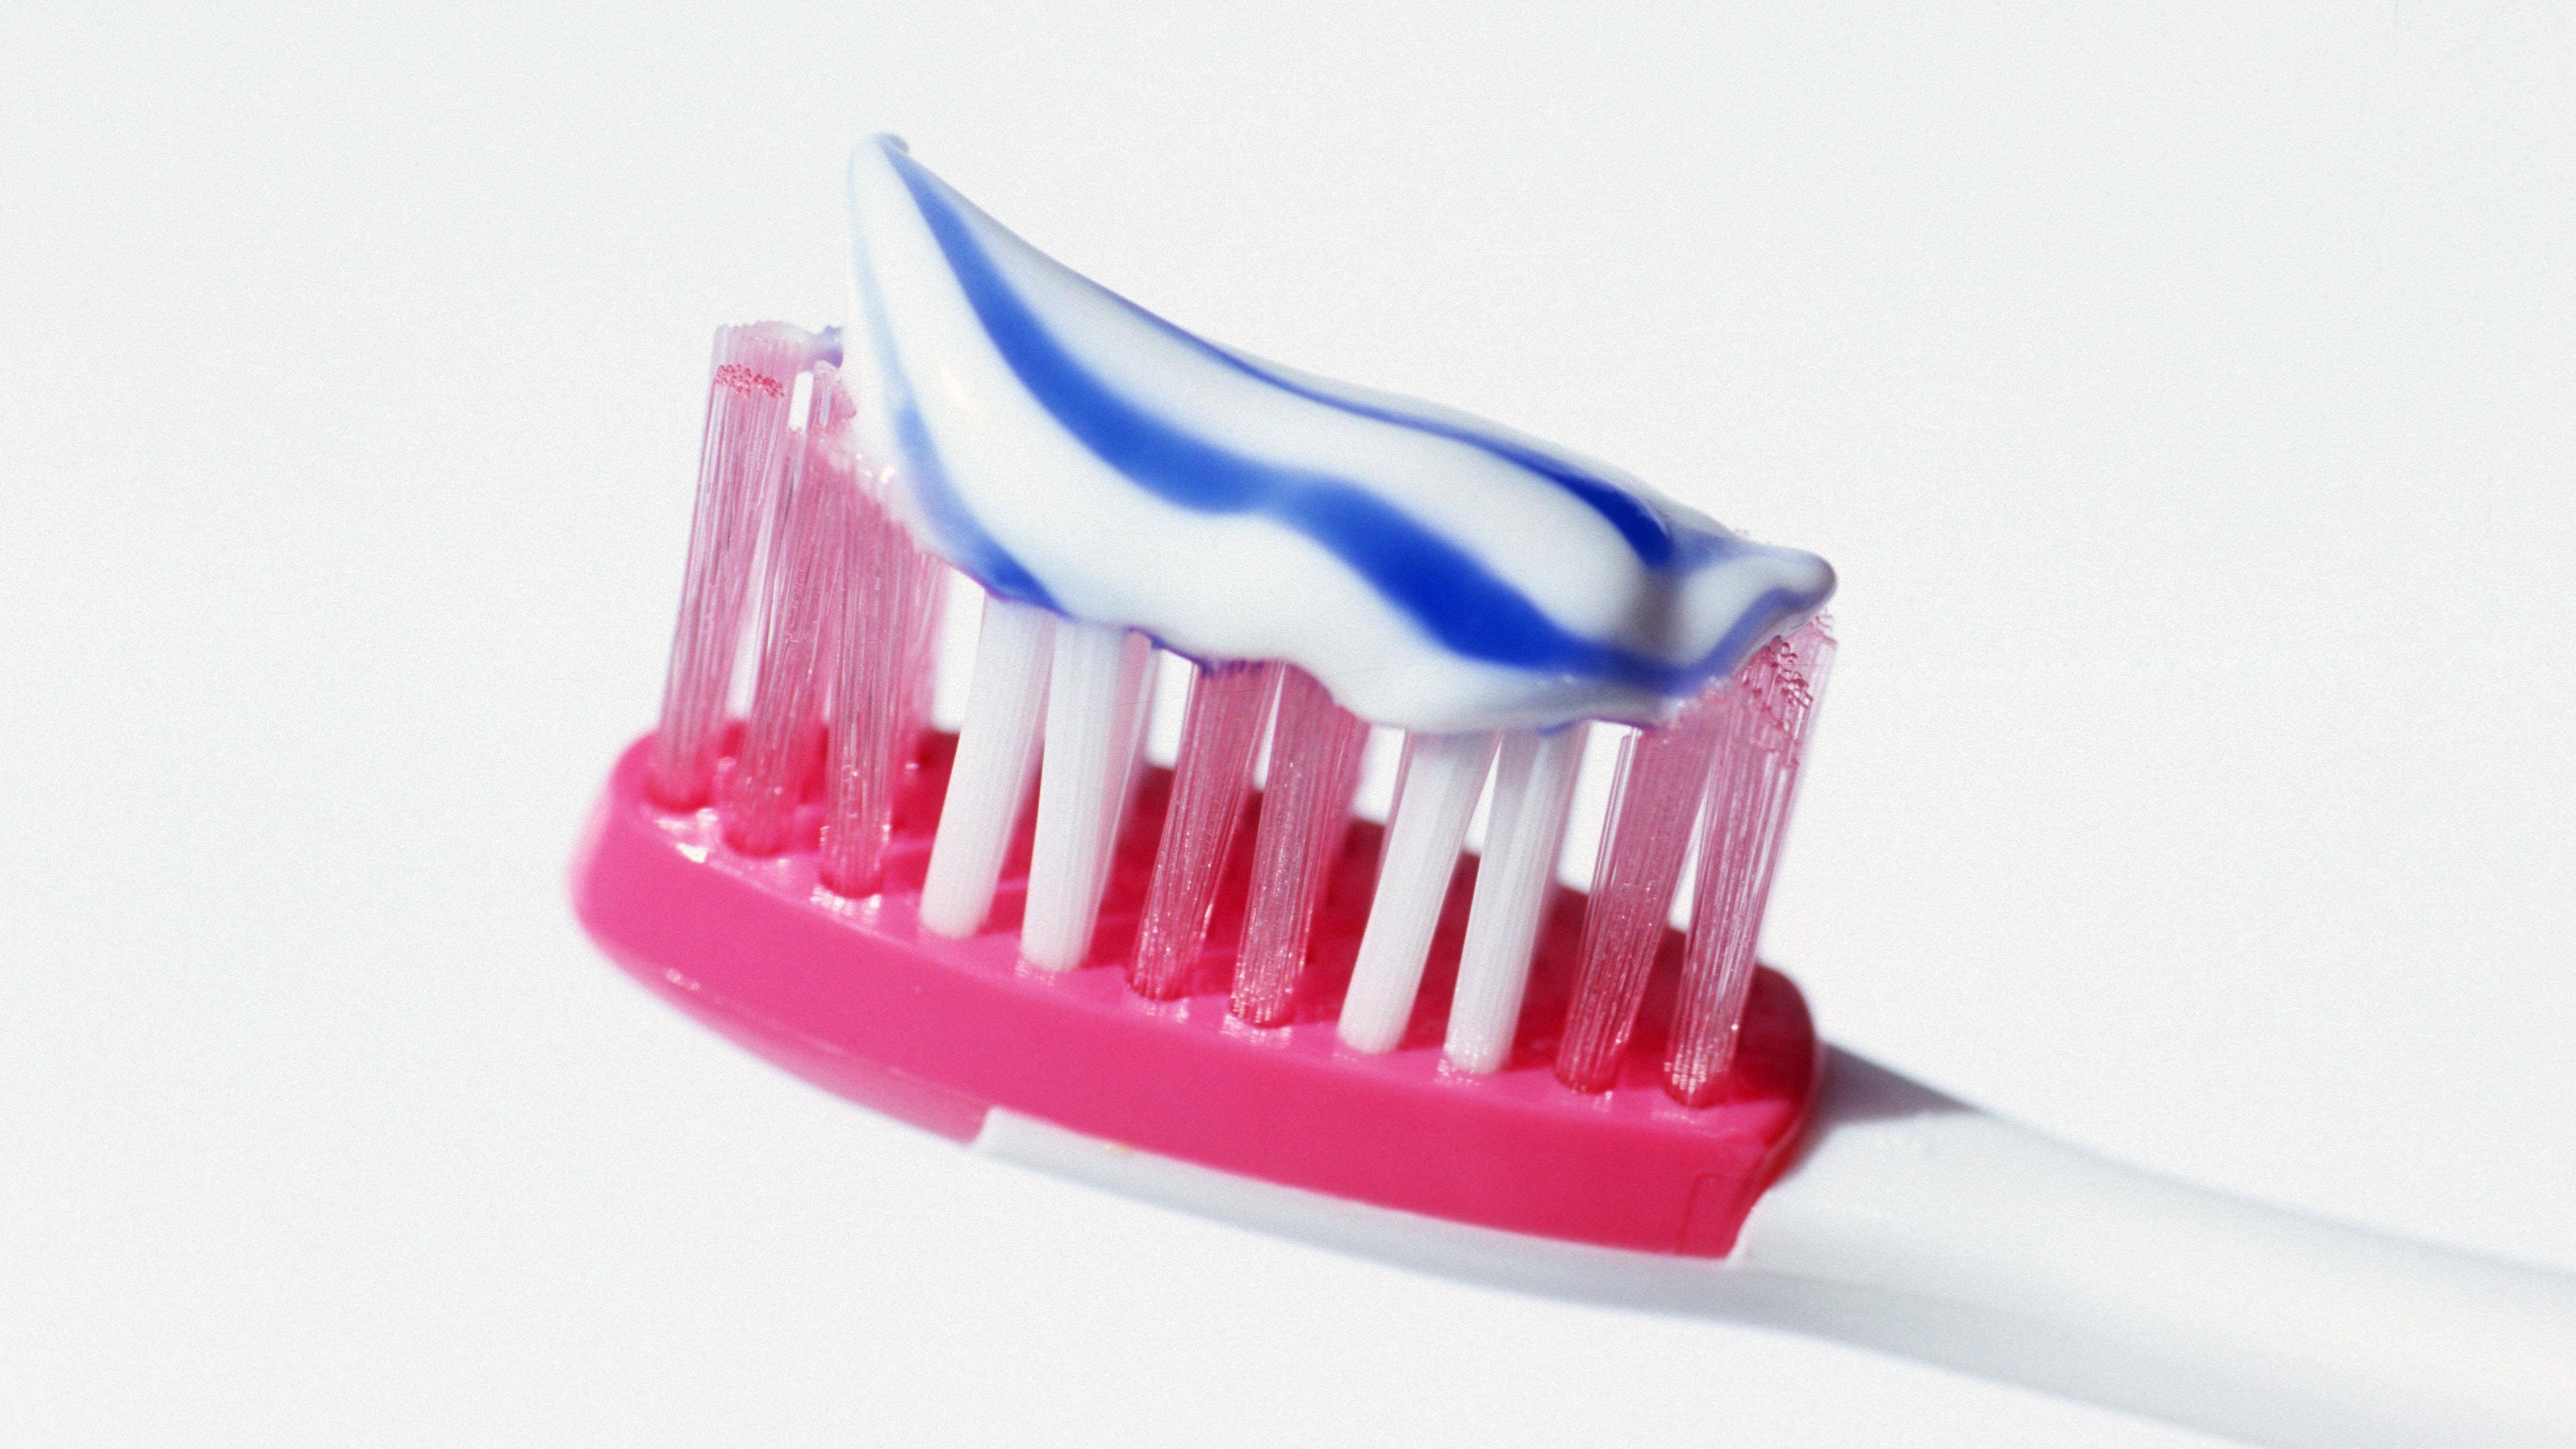 Zahnfleischbluten beim Zähneputzen verhindern: So kann es gelingen